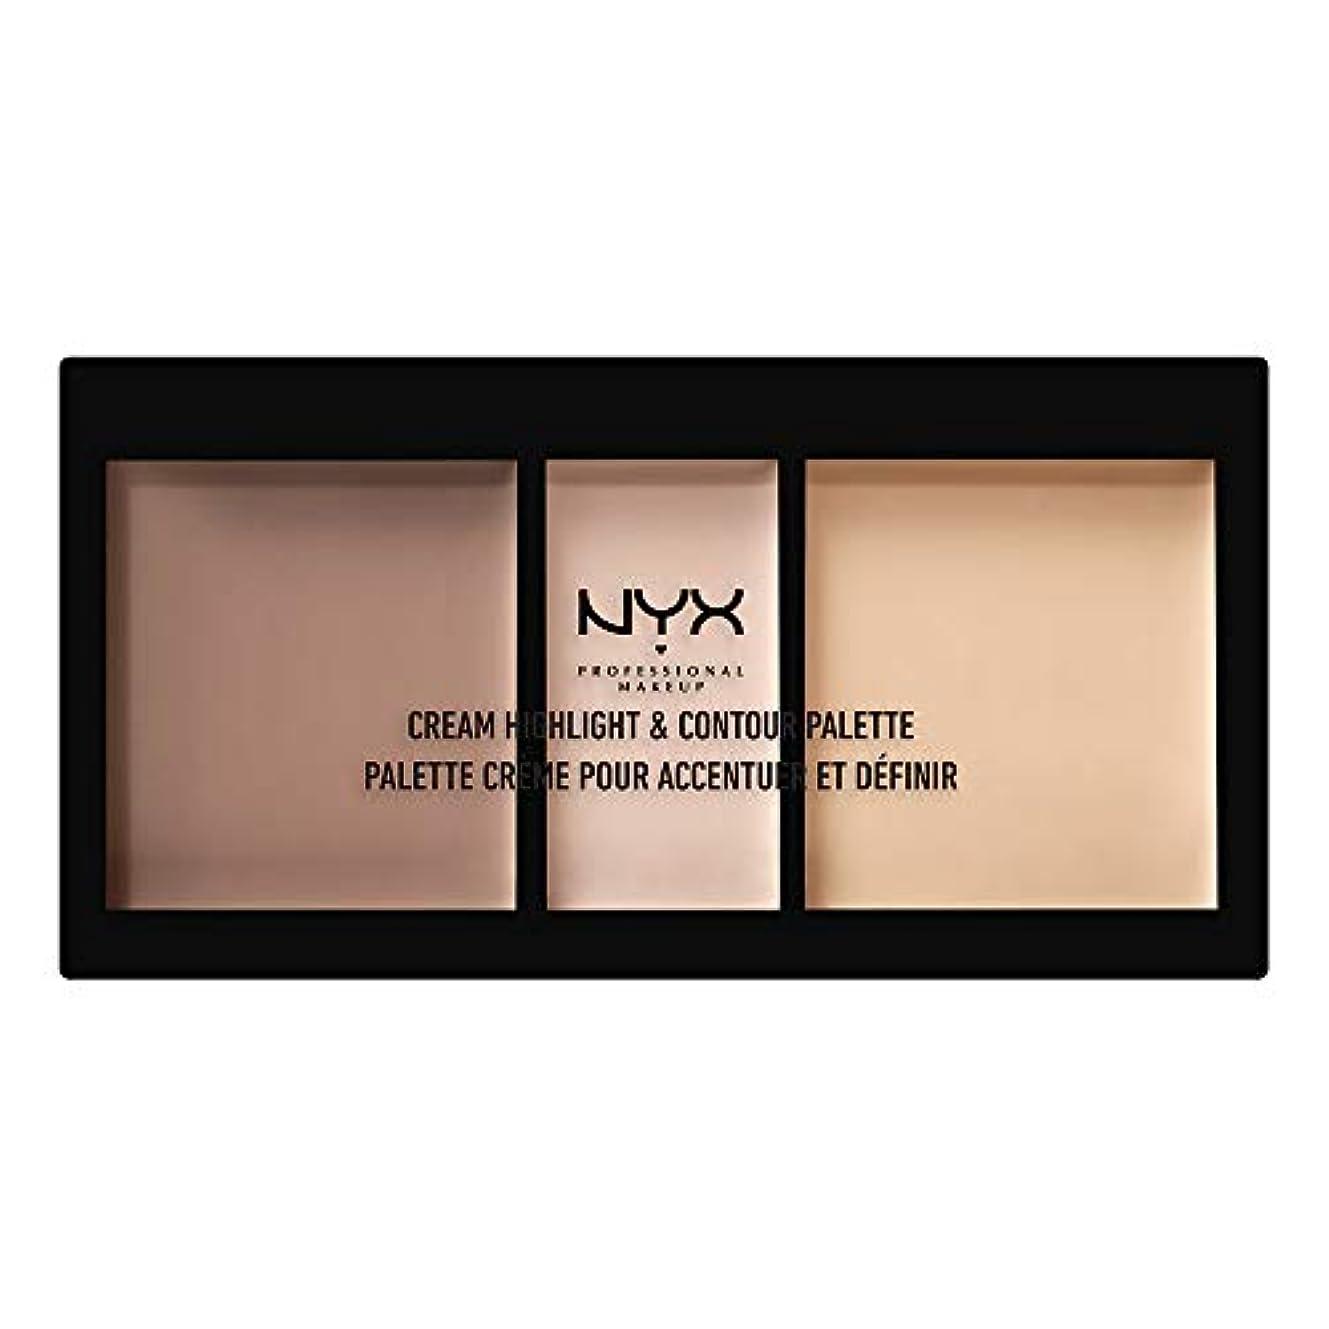 エスカレーター交じるヒューズNYX(ニックス) クリーム ハイライト&コントゥアー パレット 01 カラー?ライト フェイスパレット